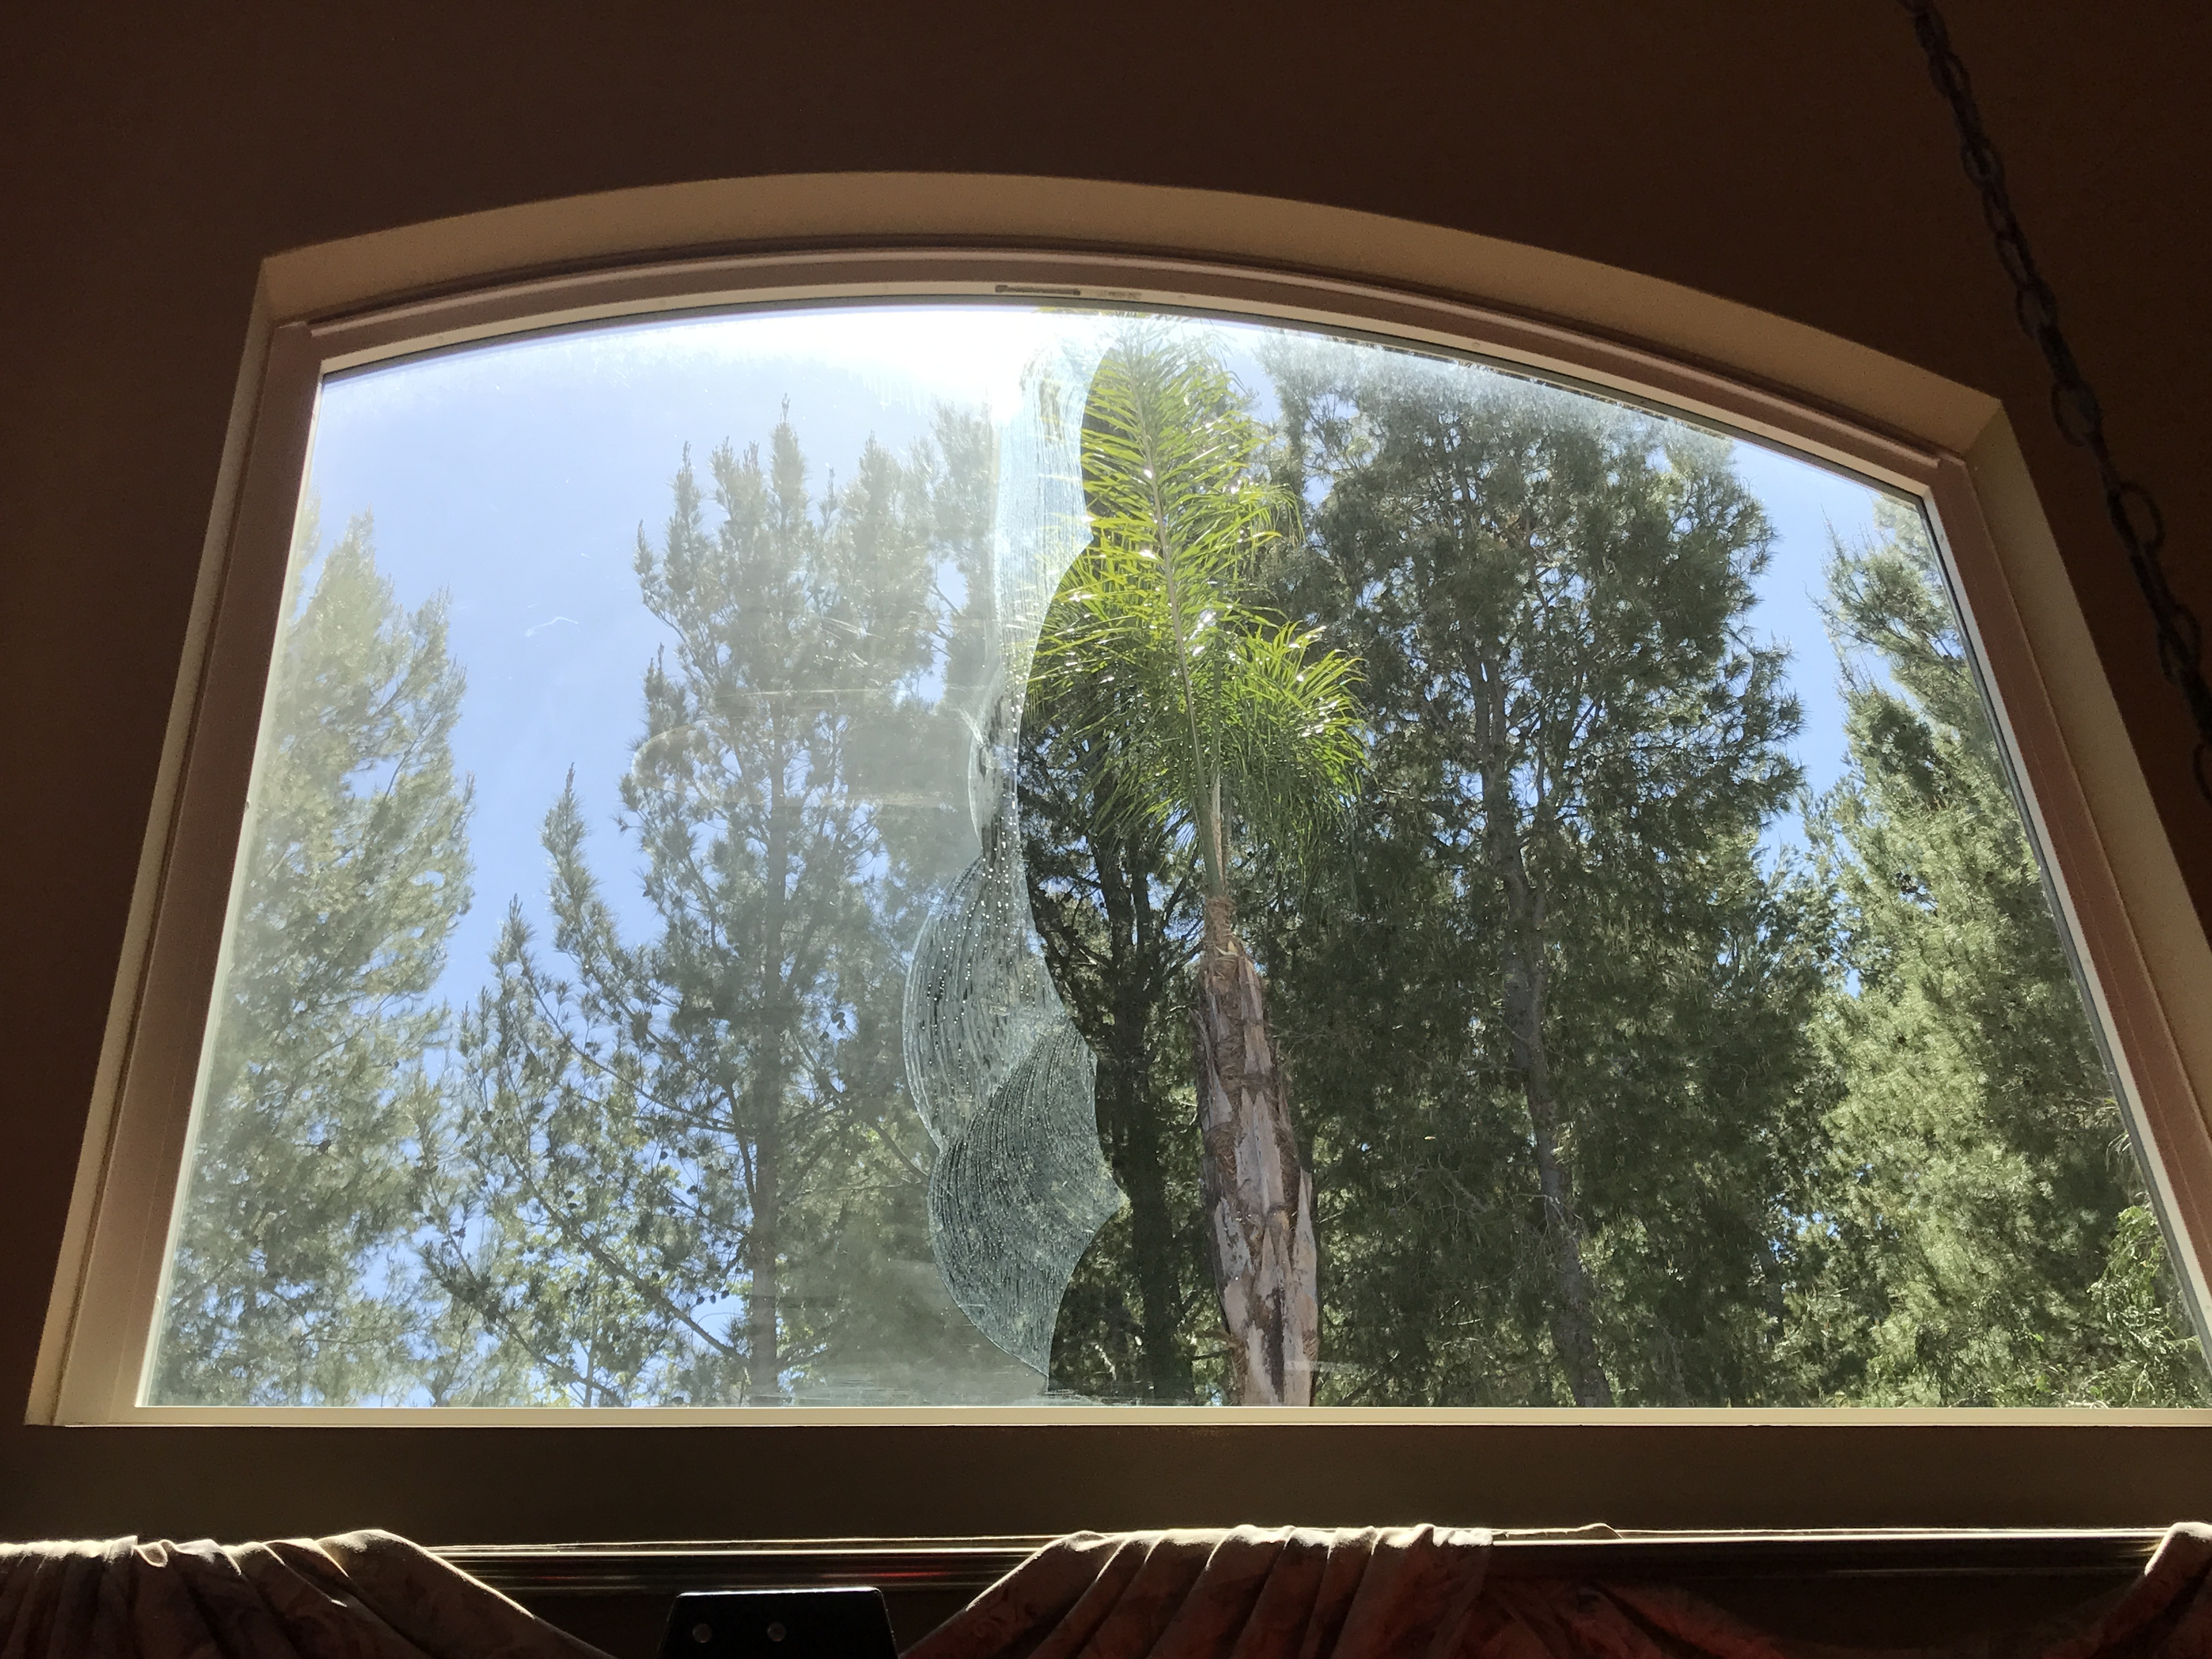 window cleaning anaheim